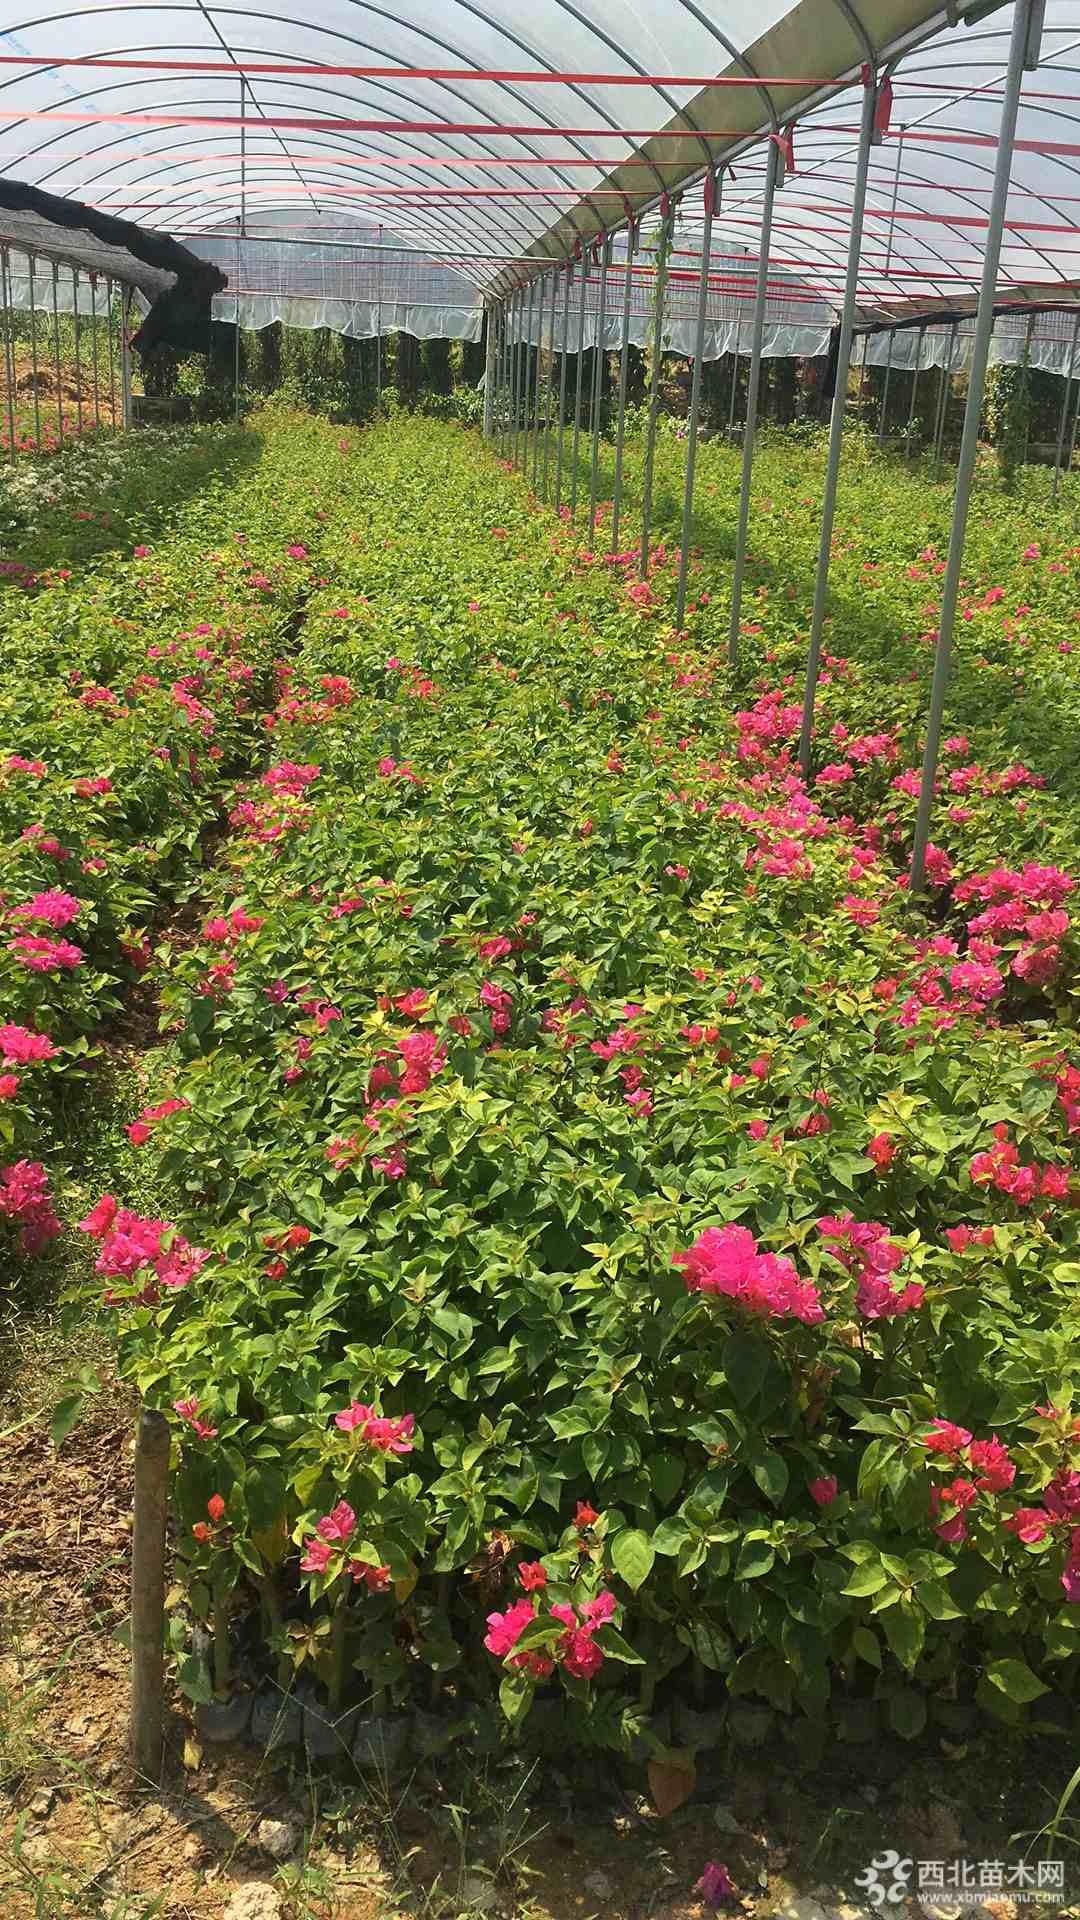 桂麗園藝,長期供應精品福建三角梅,紅花三角梅